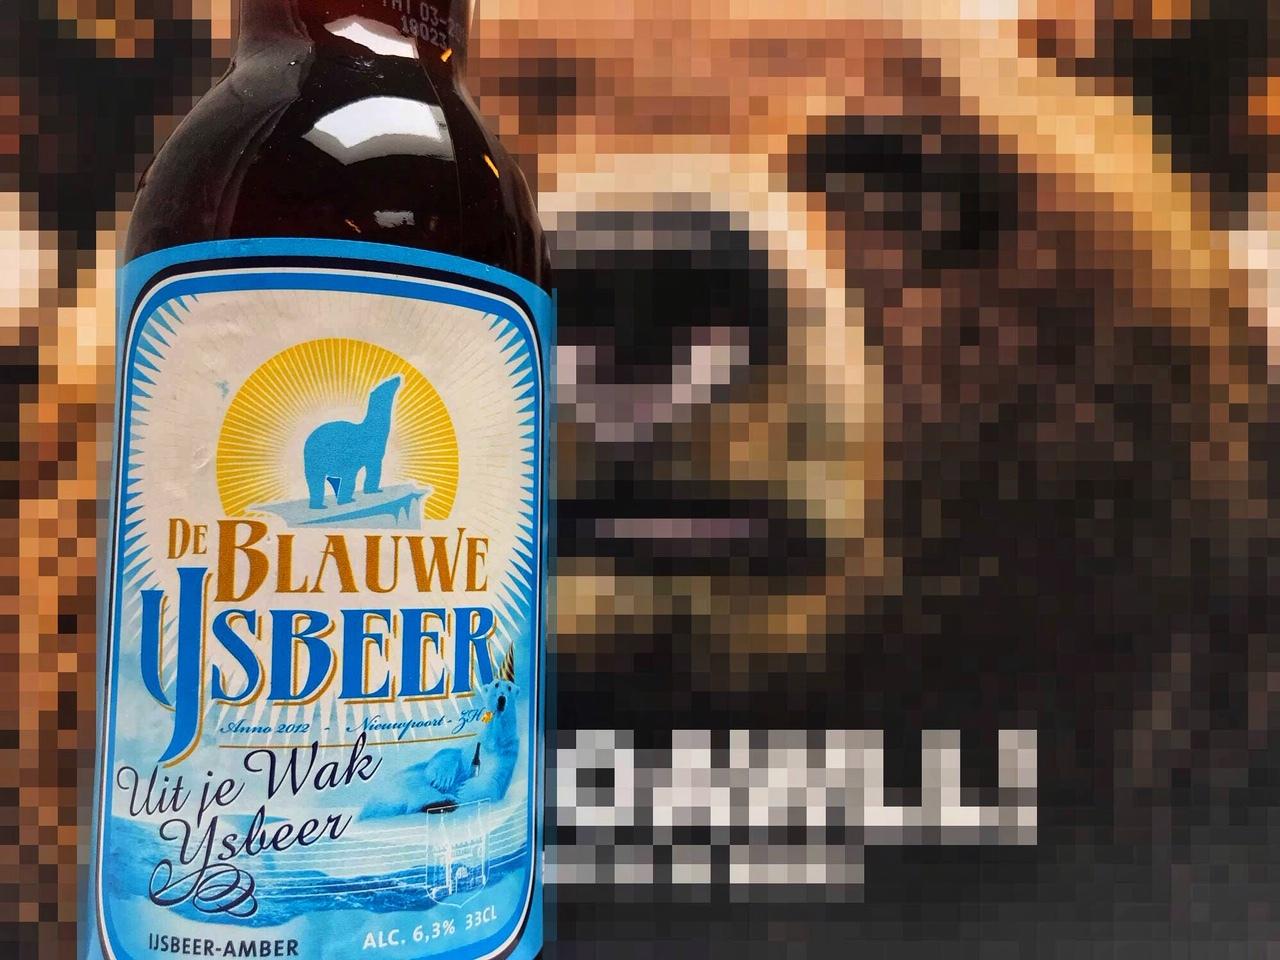 Uit Je Wak IJsbeer van Brouwerij De Blauwe IJsbeer